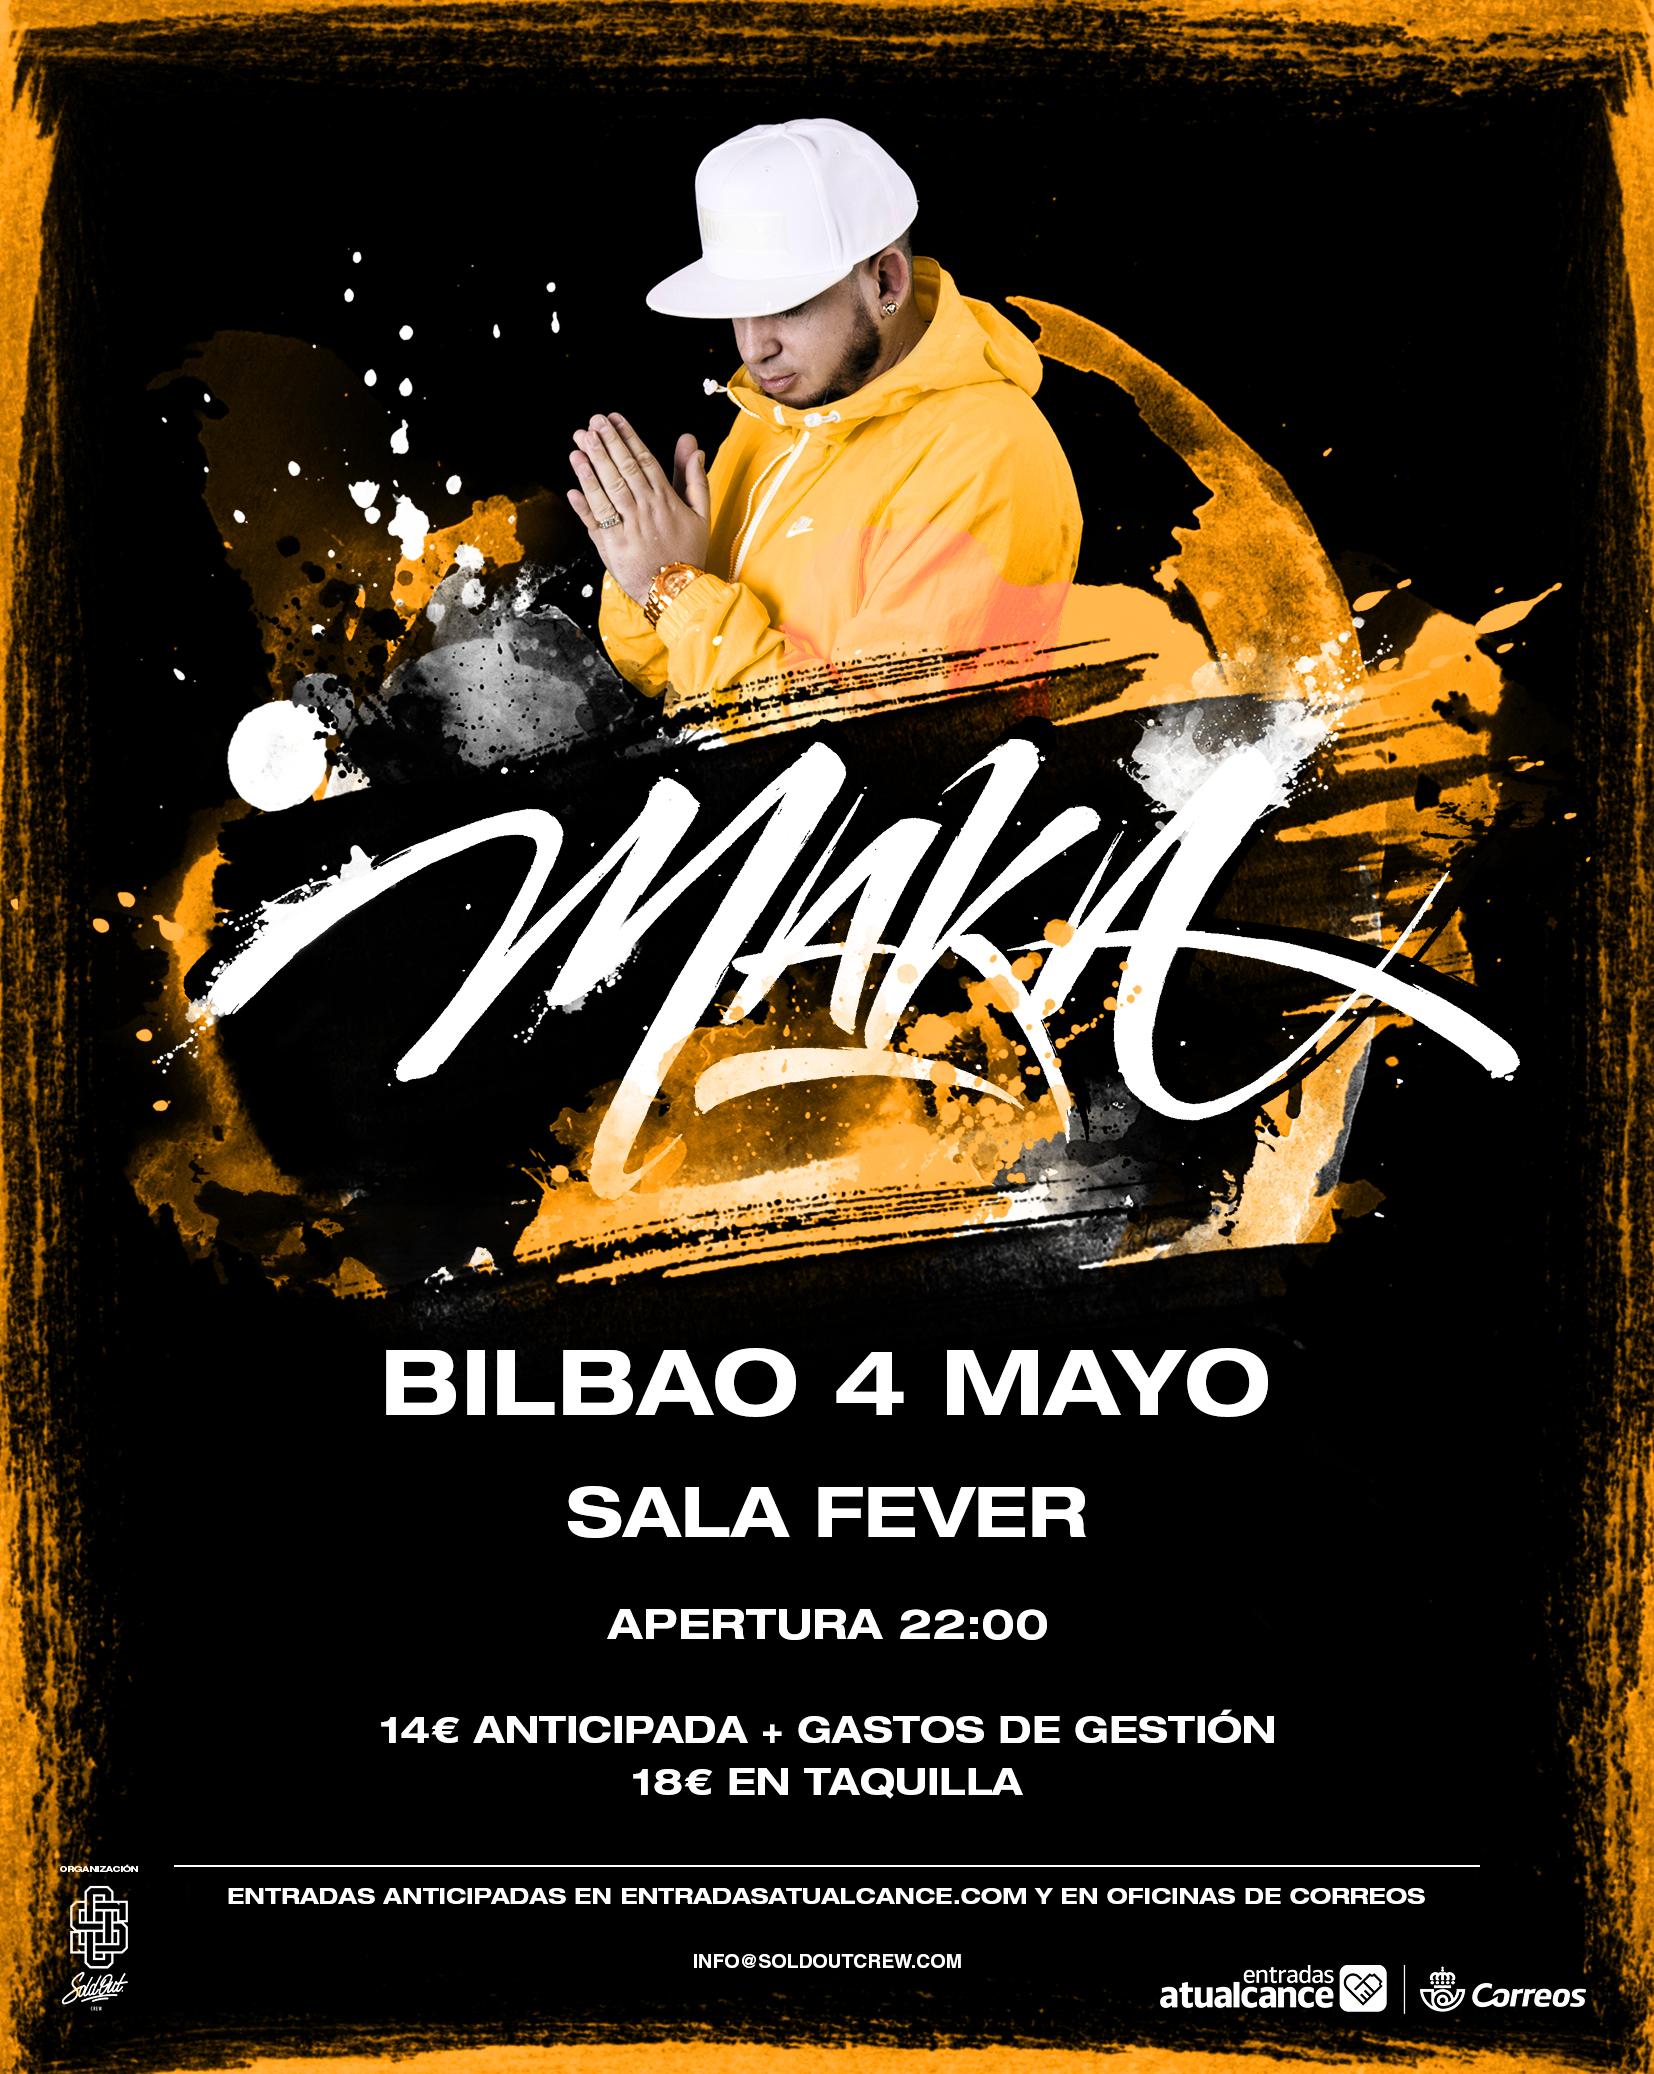 maka-en-sala-fever-bilbao-5c5bed99ab181.